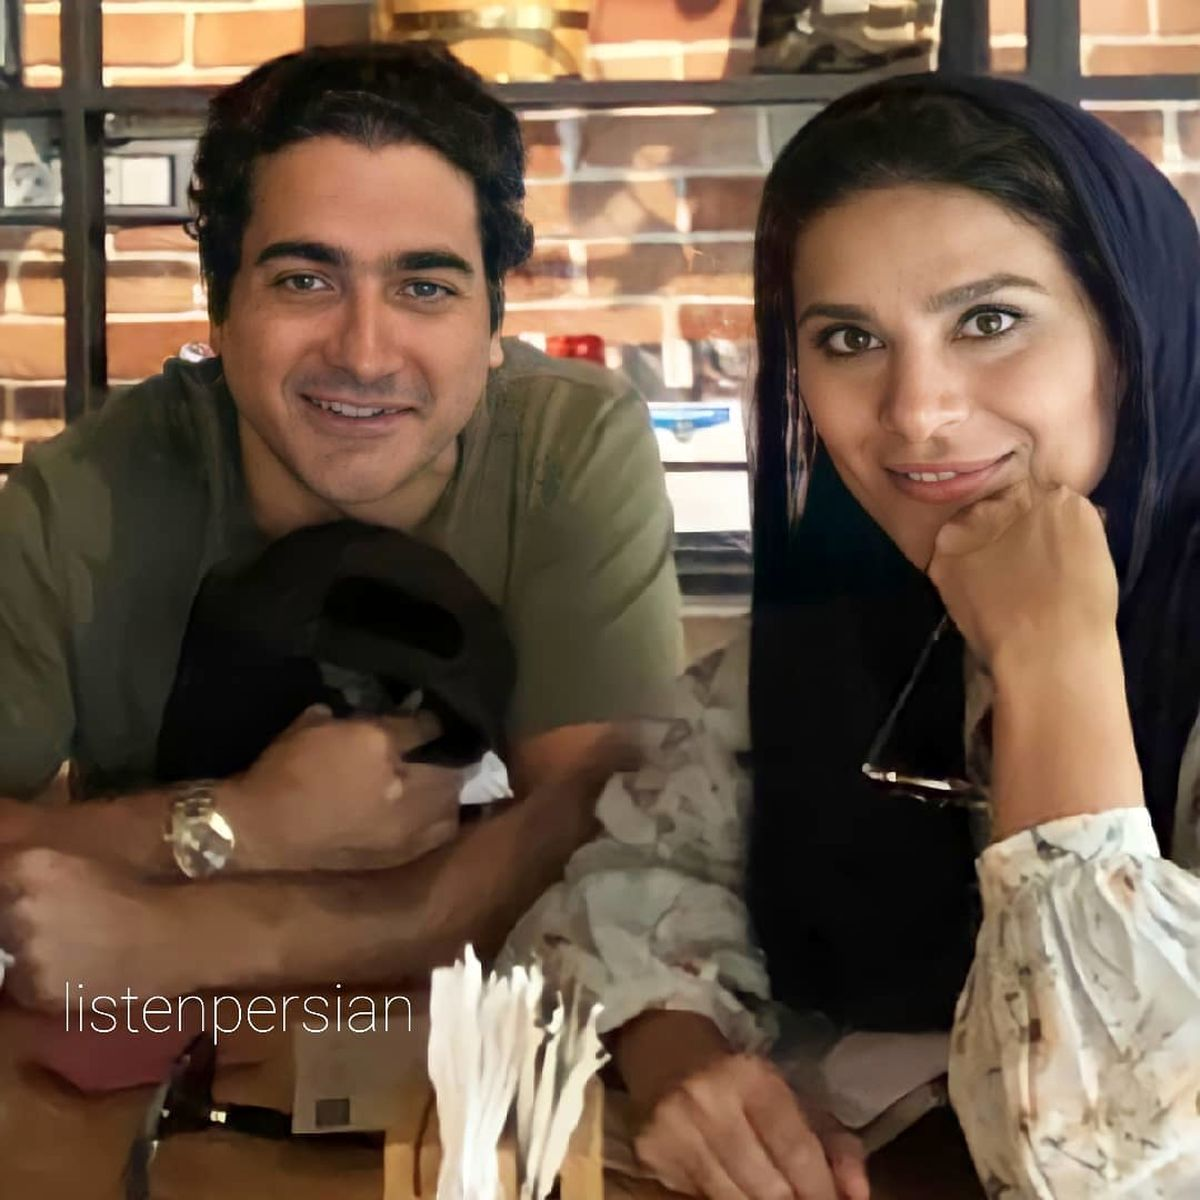 عکس متفاوت از سحر دولتشاهی در کنار همسرش همایون شجریان